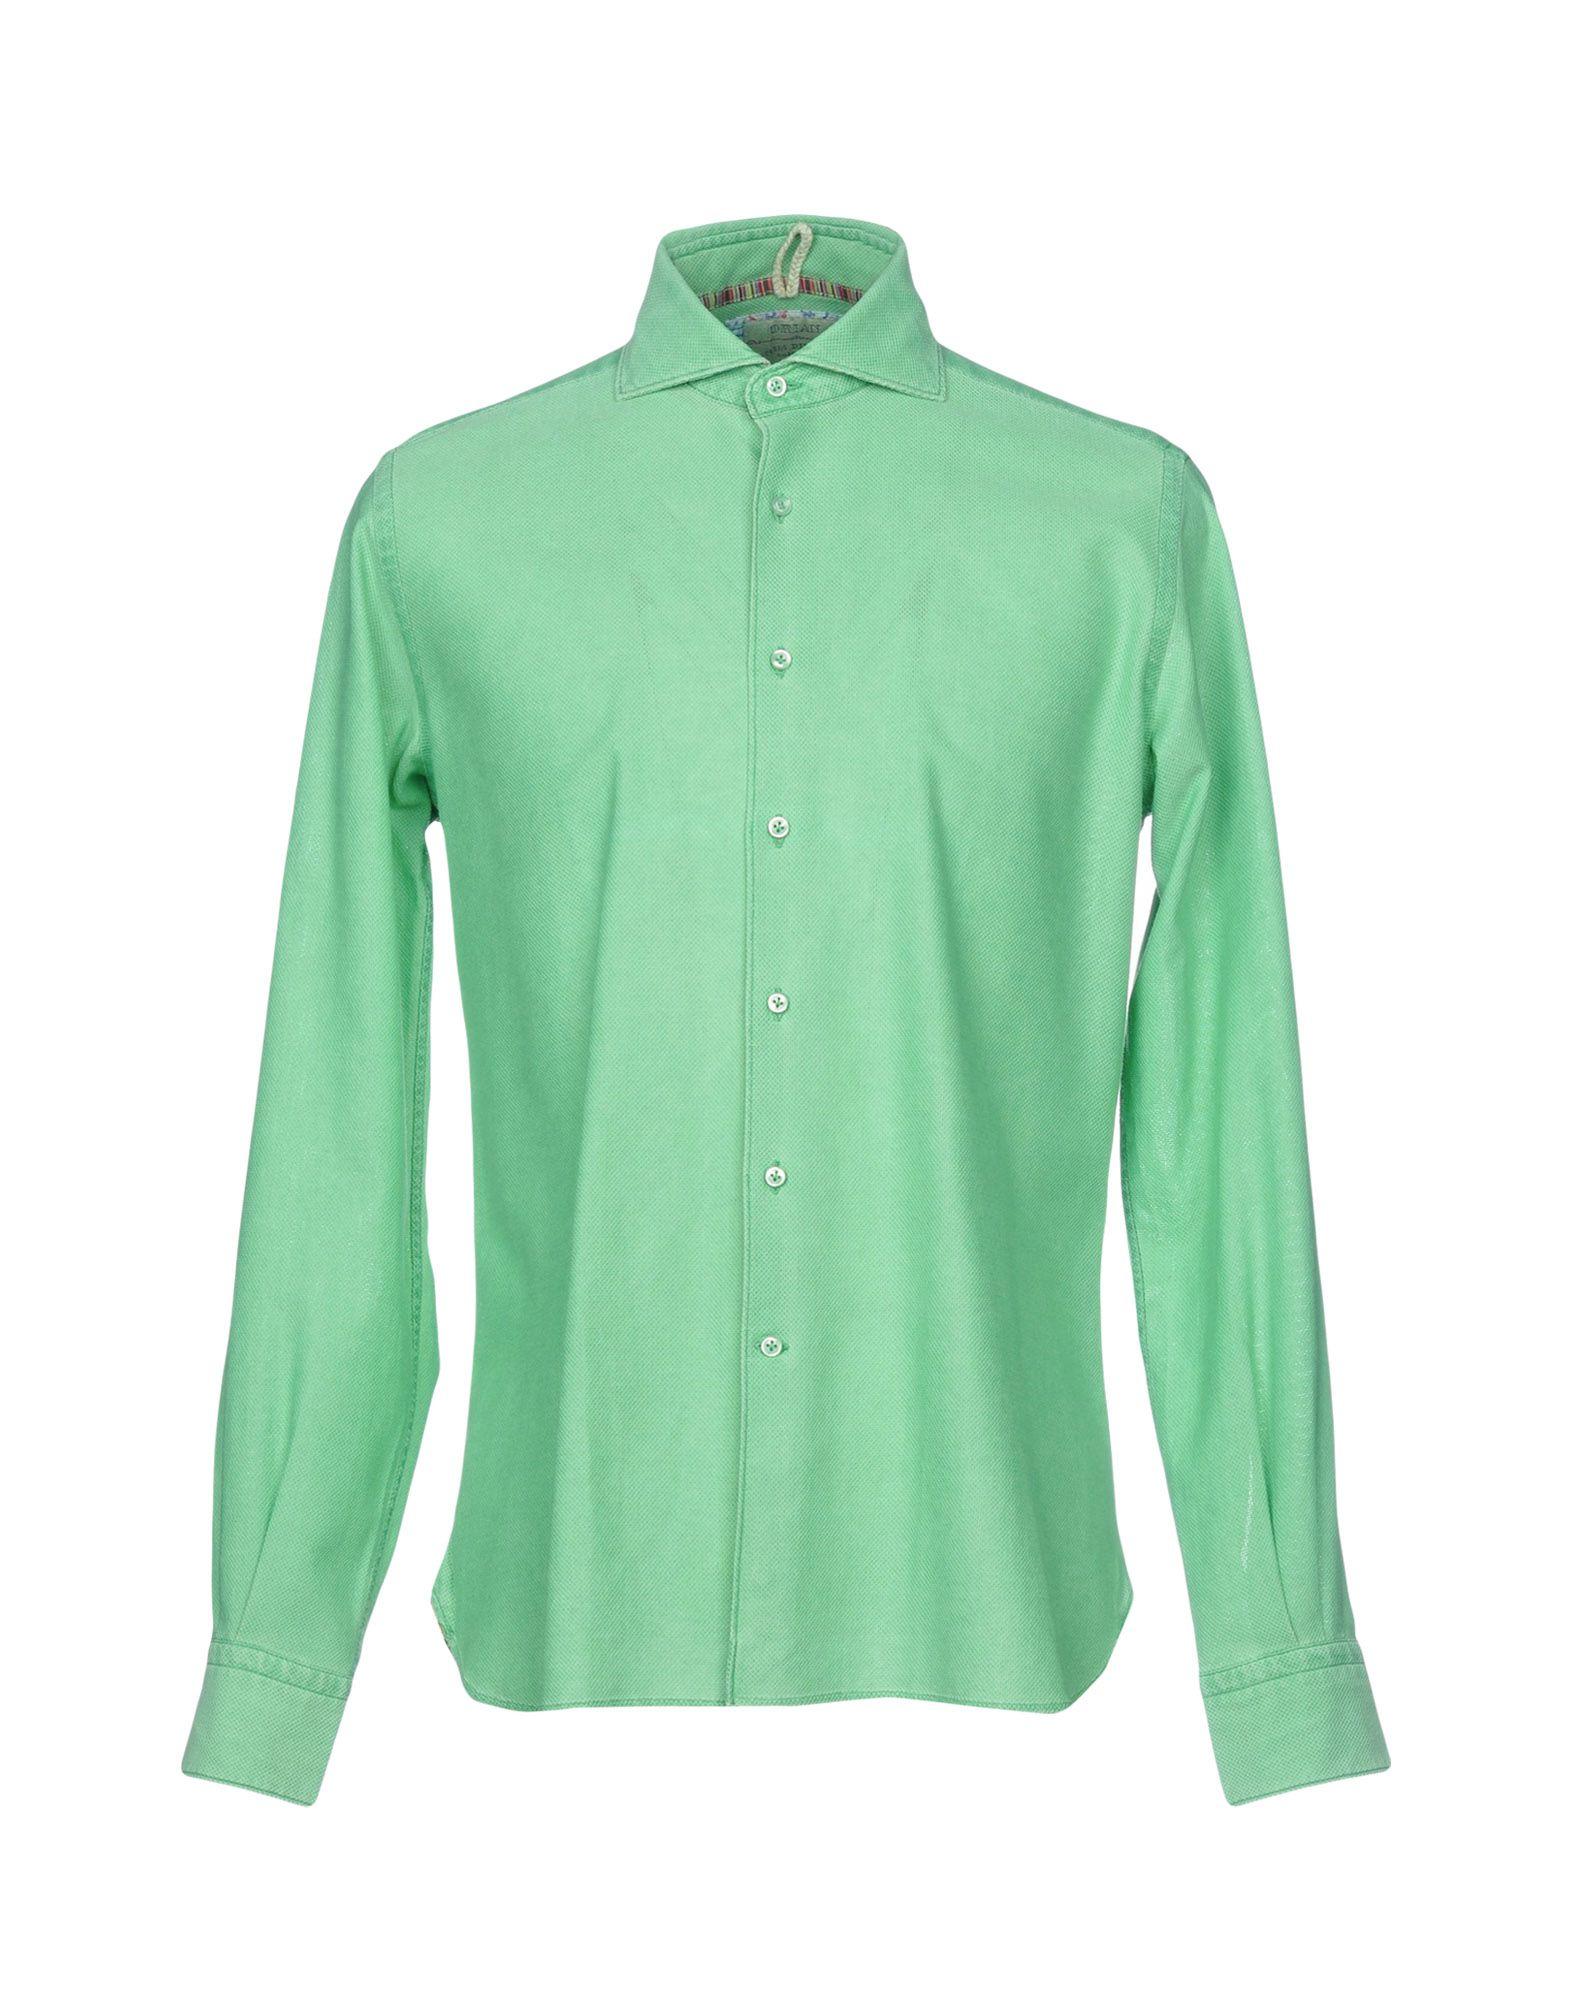 《送料無料》ORIAN メンズ シャツ ライトグリーン 40 コットン 100%